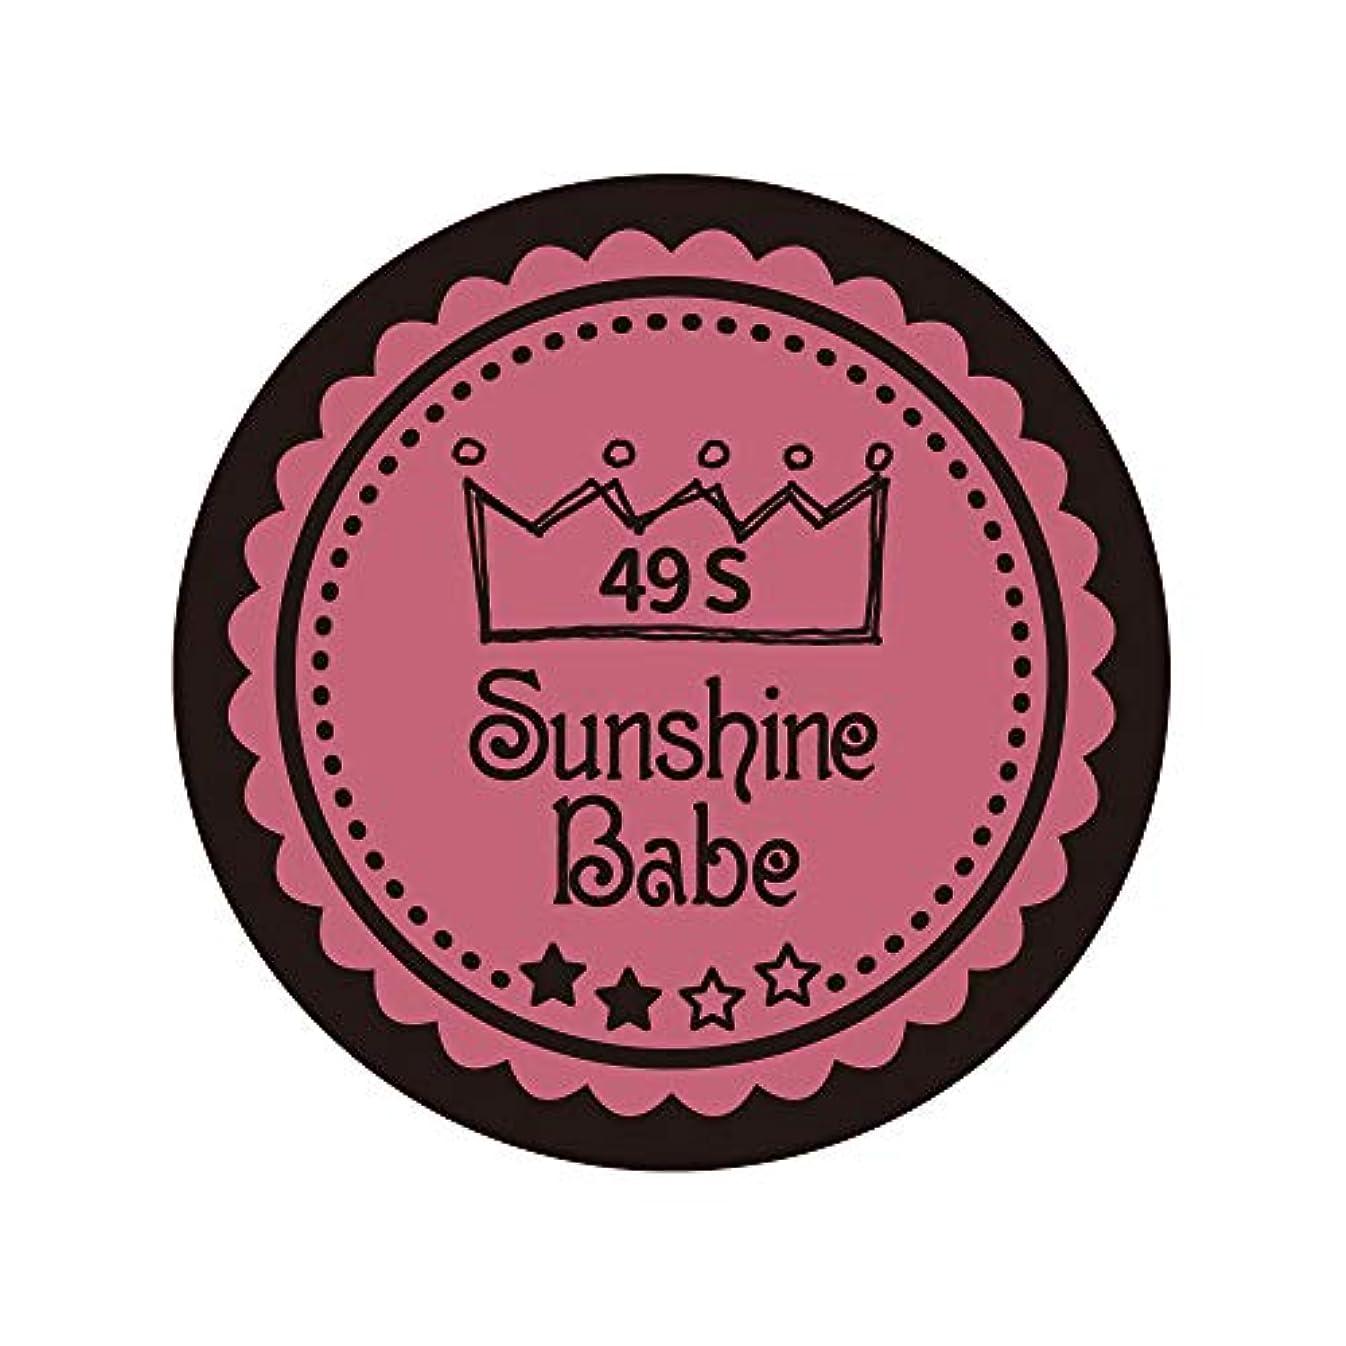 ニュースリレー先見の明Sunshine Babe カラージェル 49S カシミアピンク 4g UV/LED対応